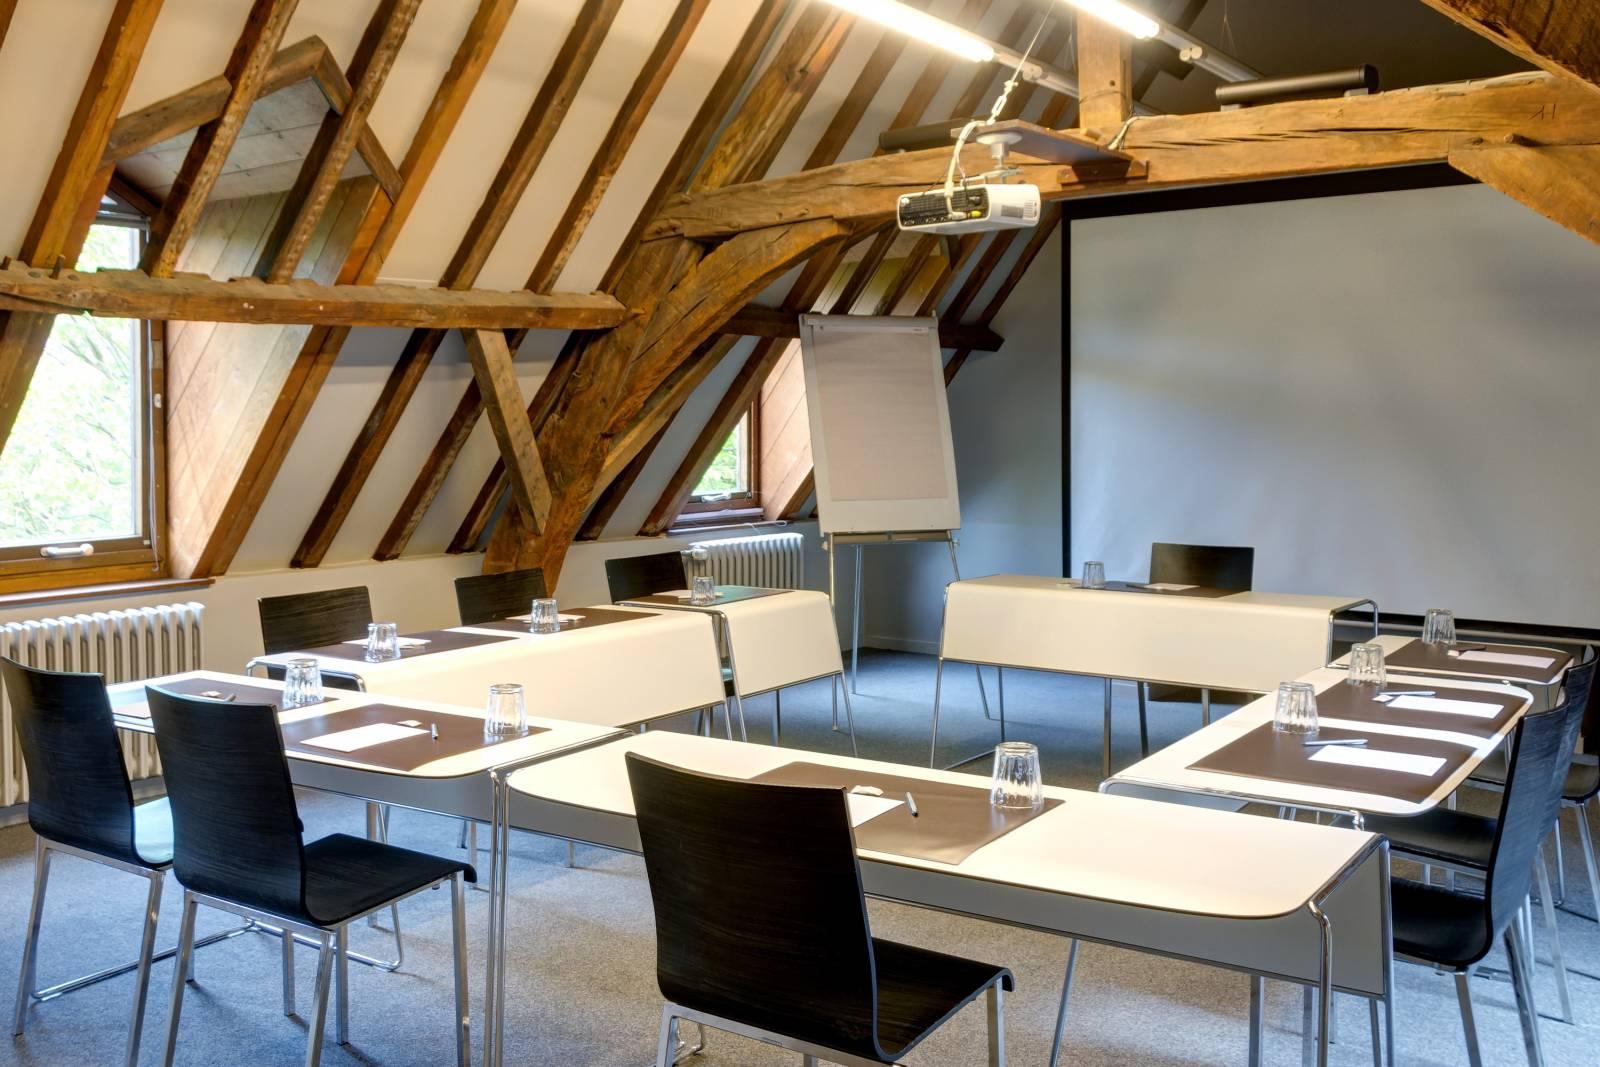 Faculty Club - Feestzaal - Feestlocatie - Rustiek - Historisch - Leuven (Vlaams-Brabant) - House of Events - 48